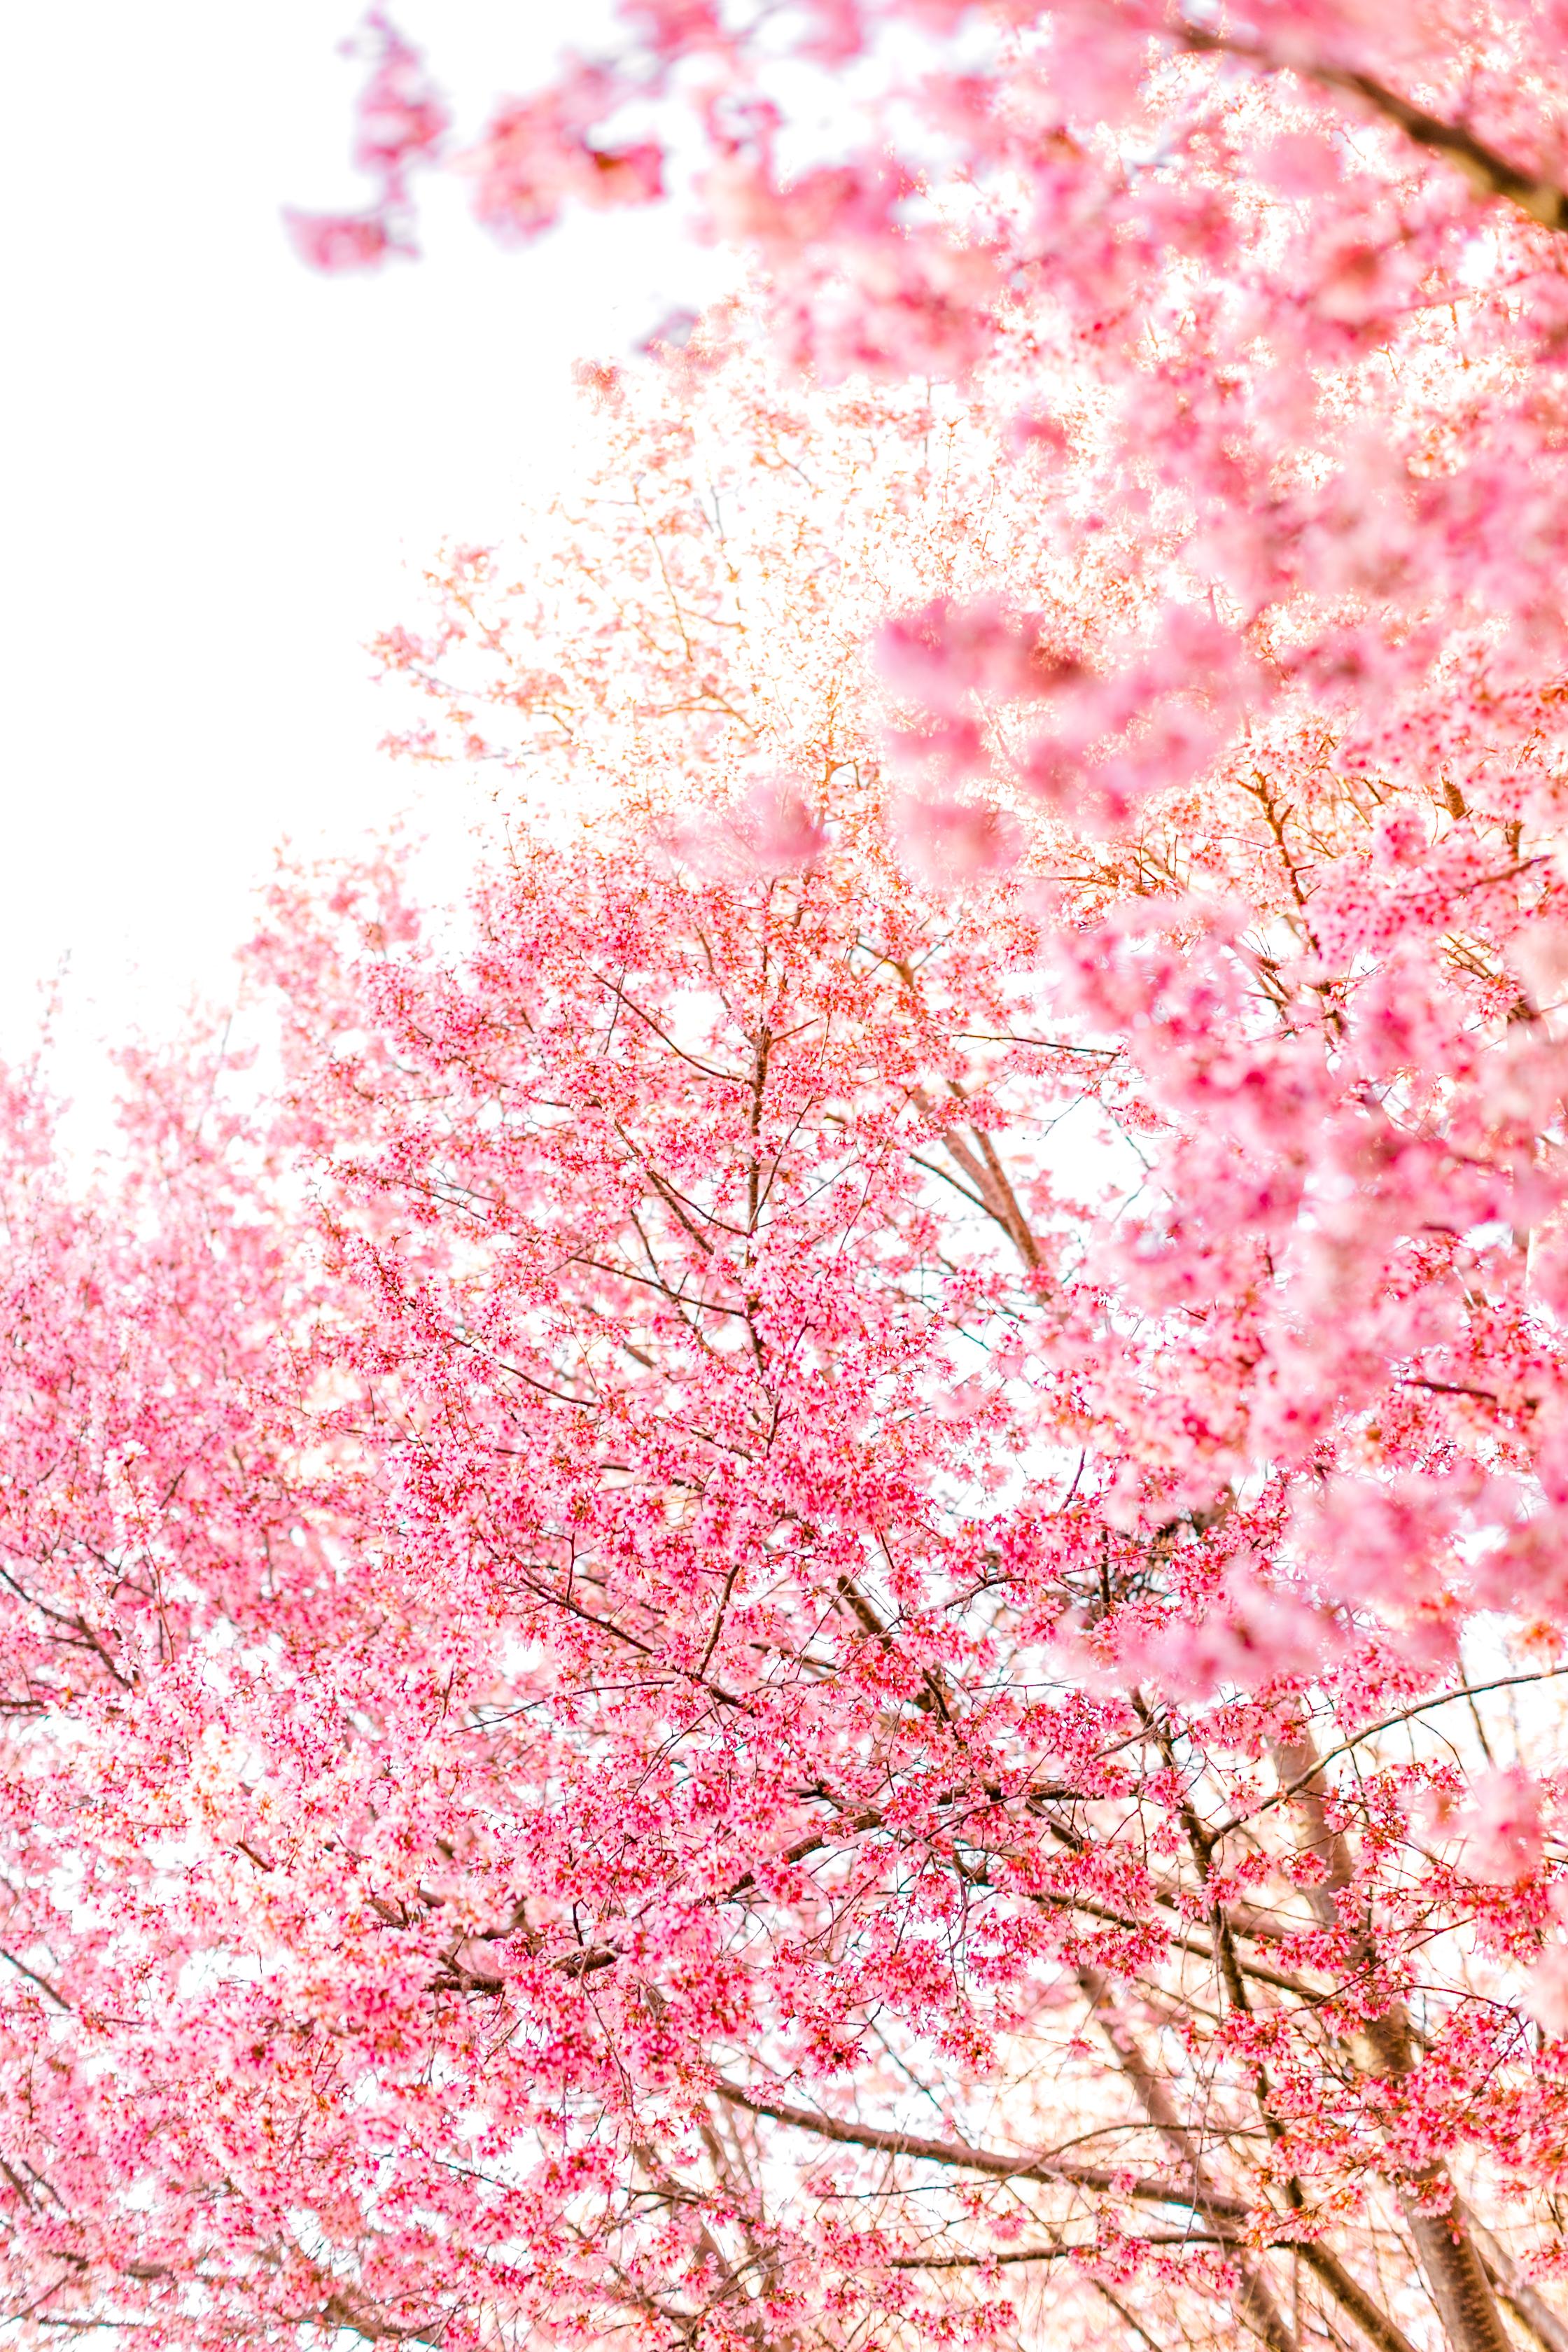 cherryblossoms-34.jpg